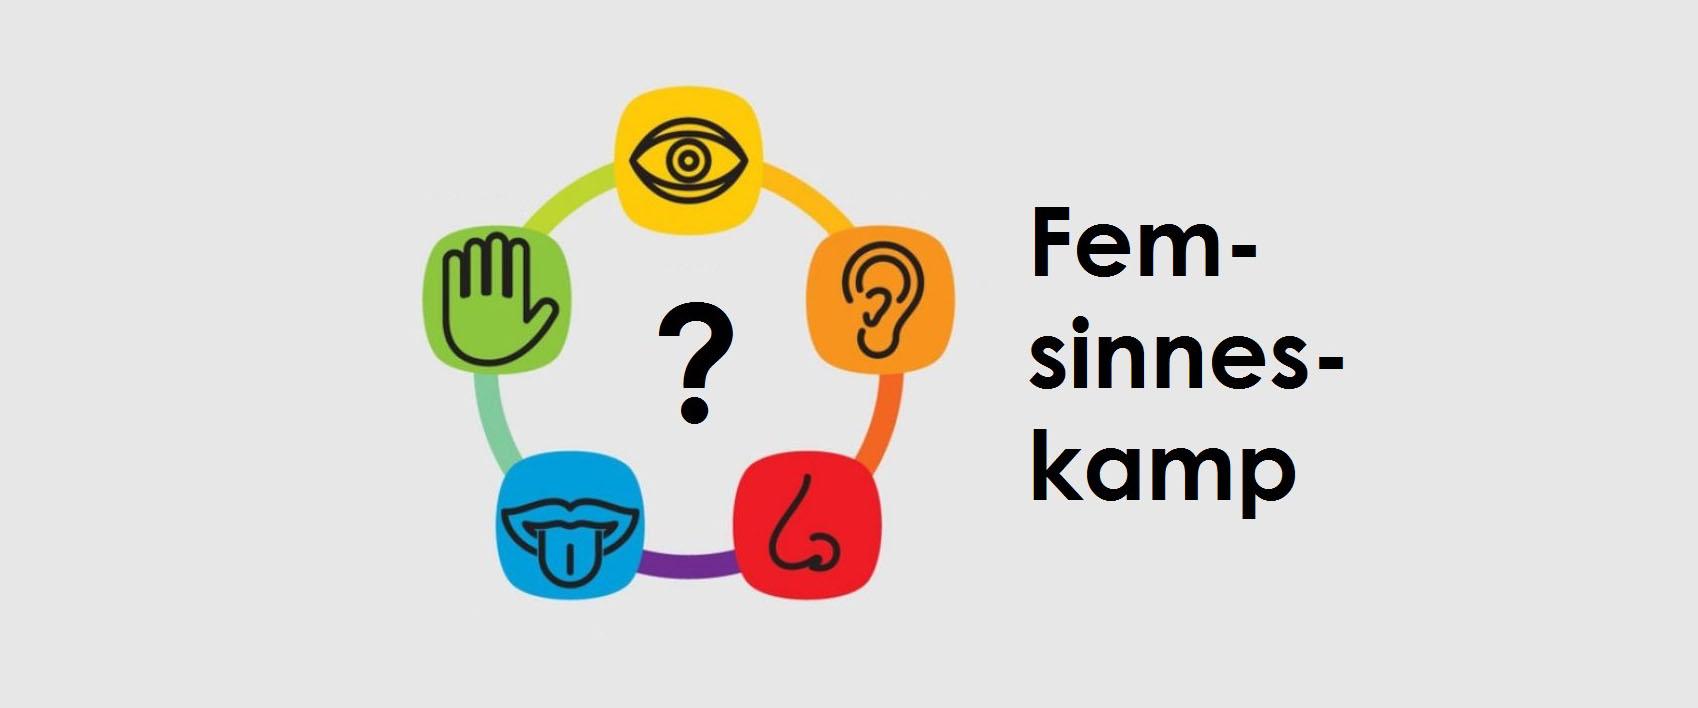 Fem-sinnes-kamp